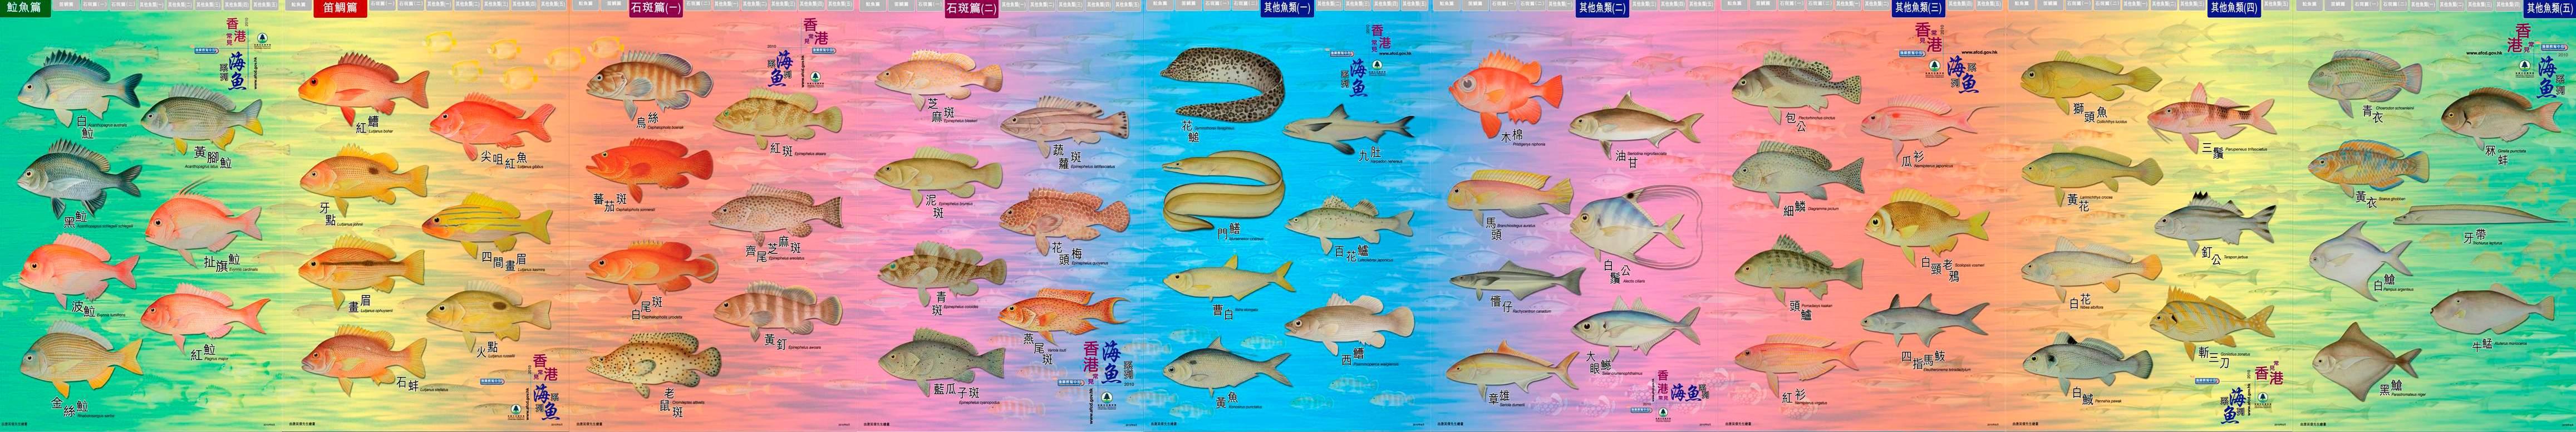 香 港 常 見 海 魚 系 列 海 報